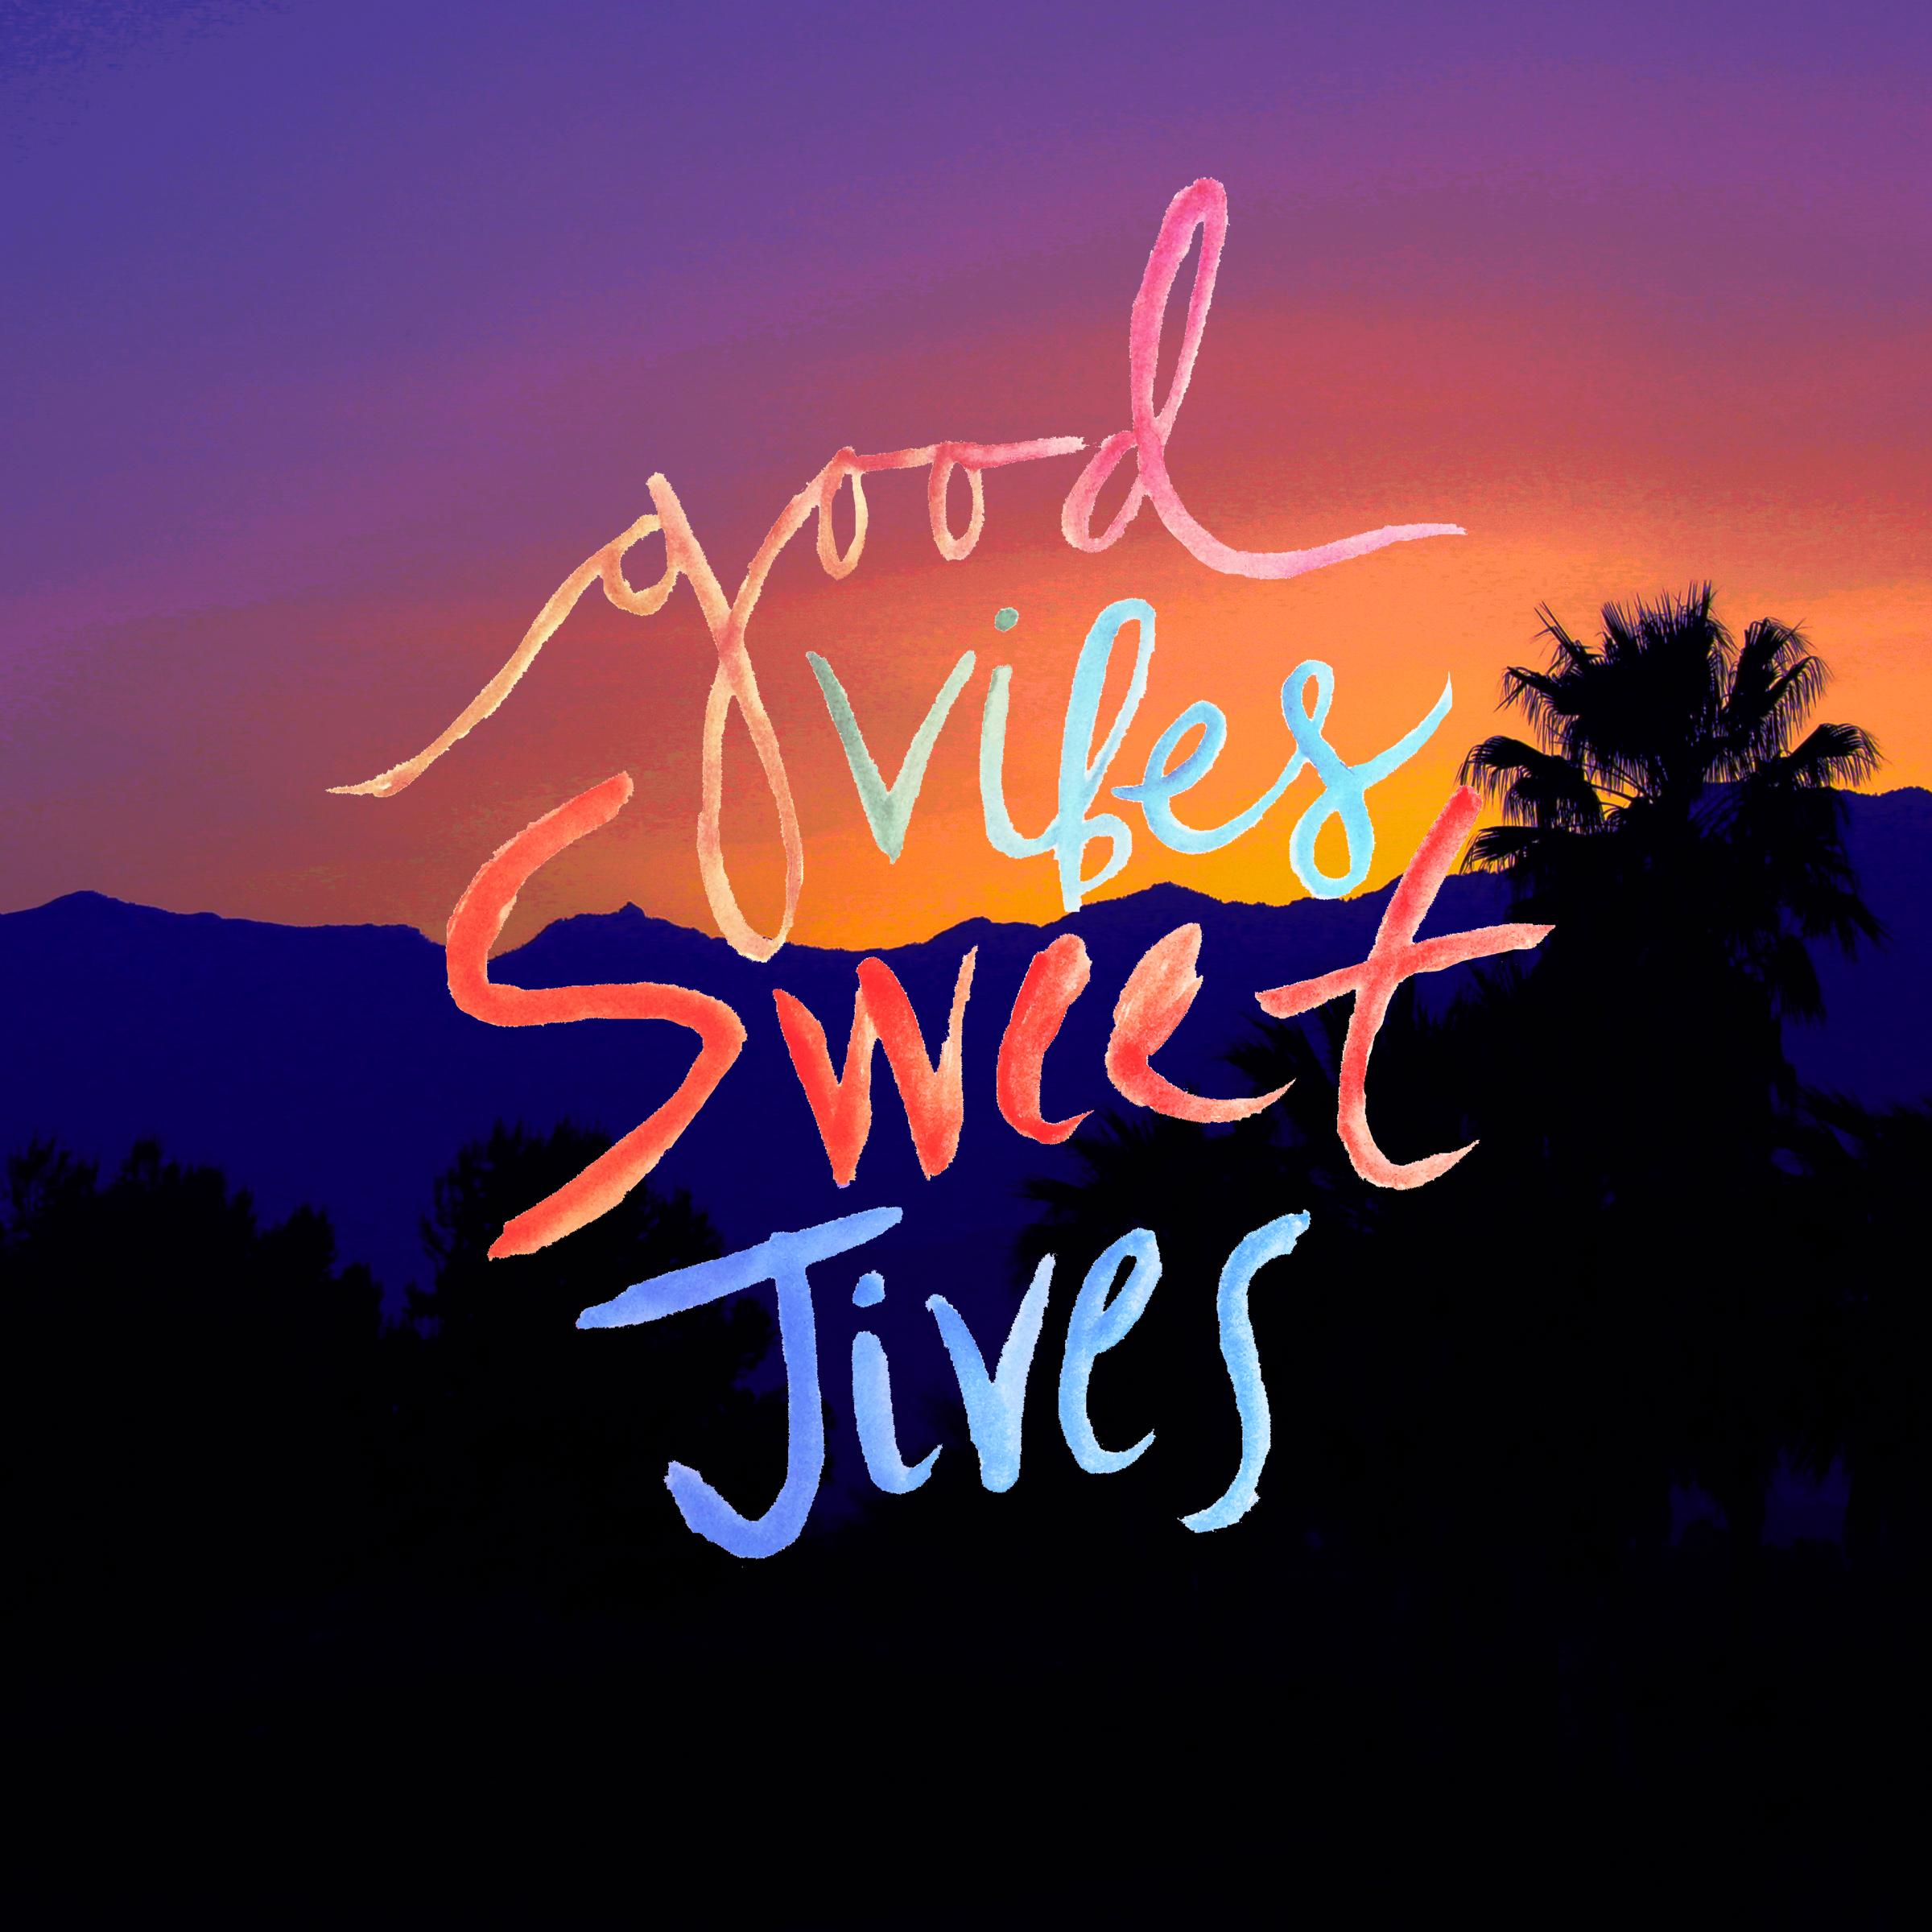 Good Vibes Sweet Jives Print.png